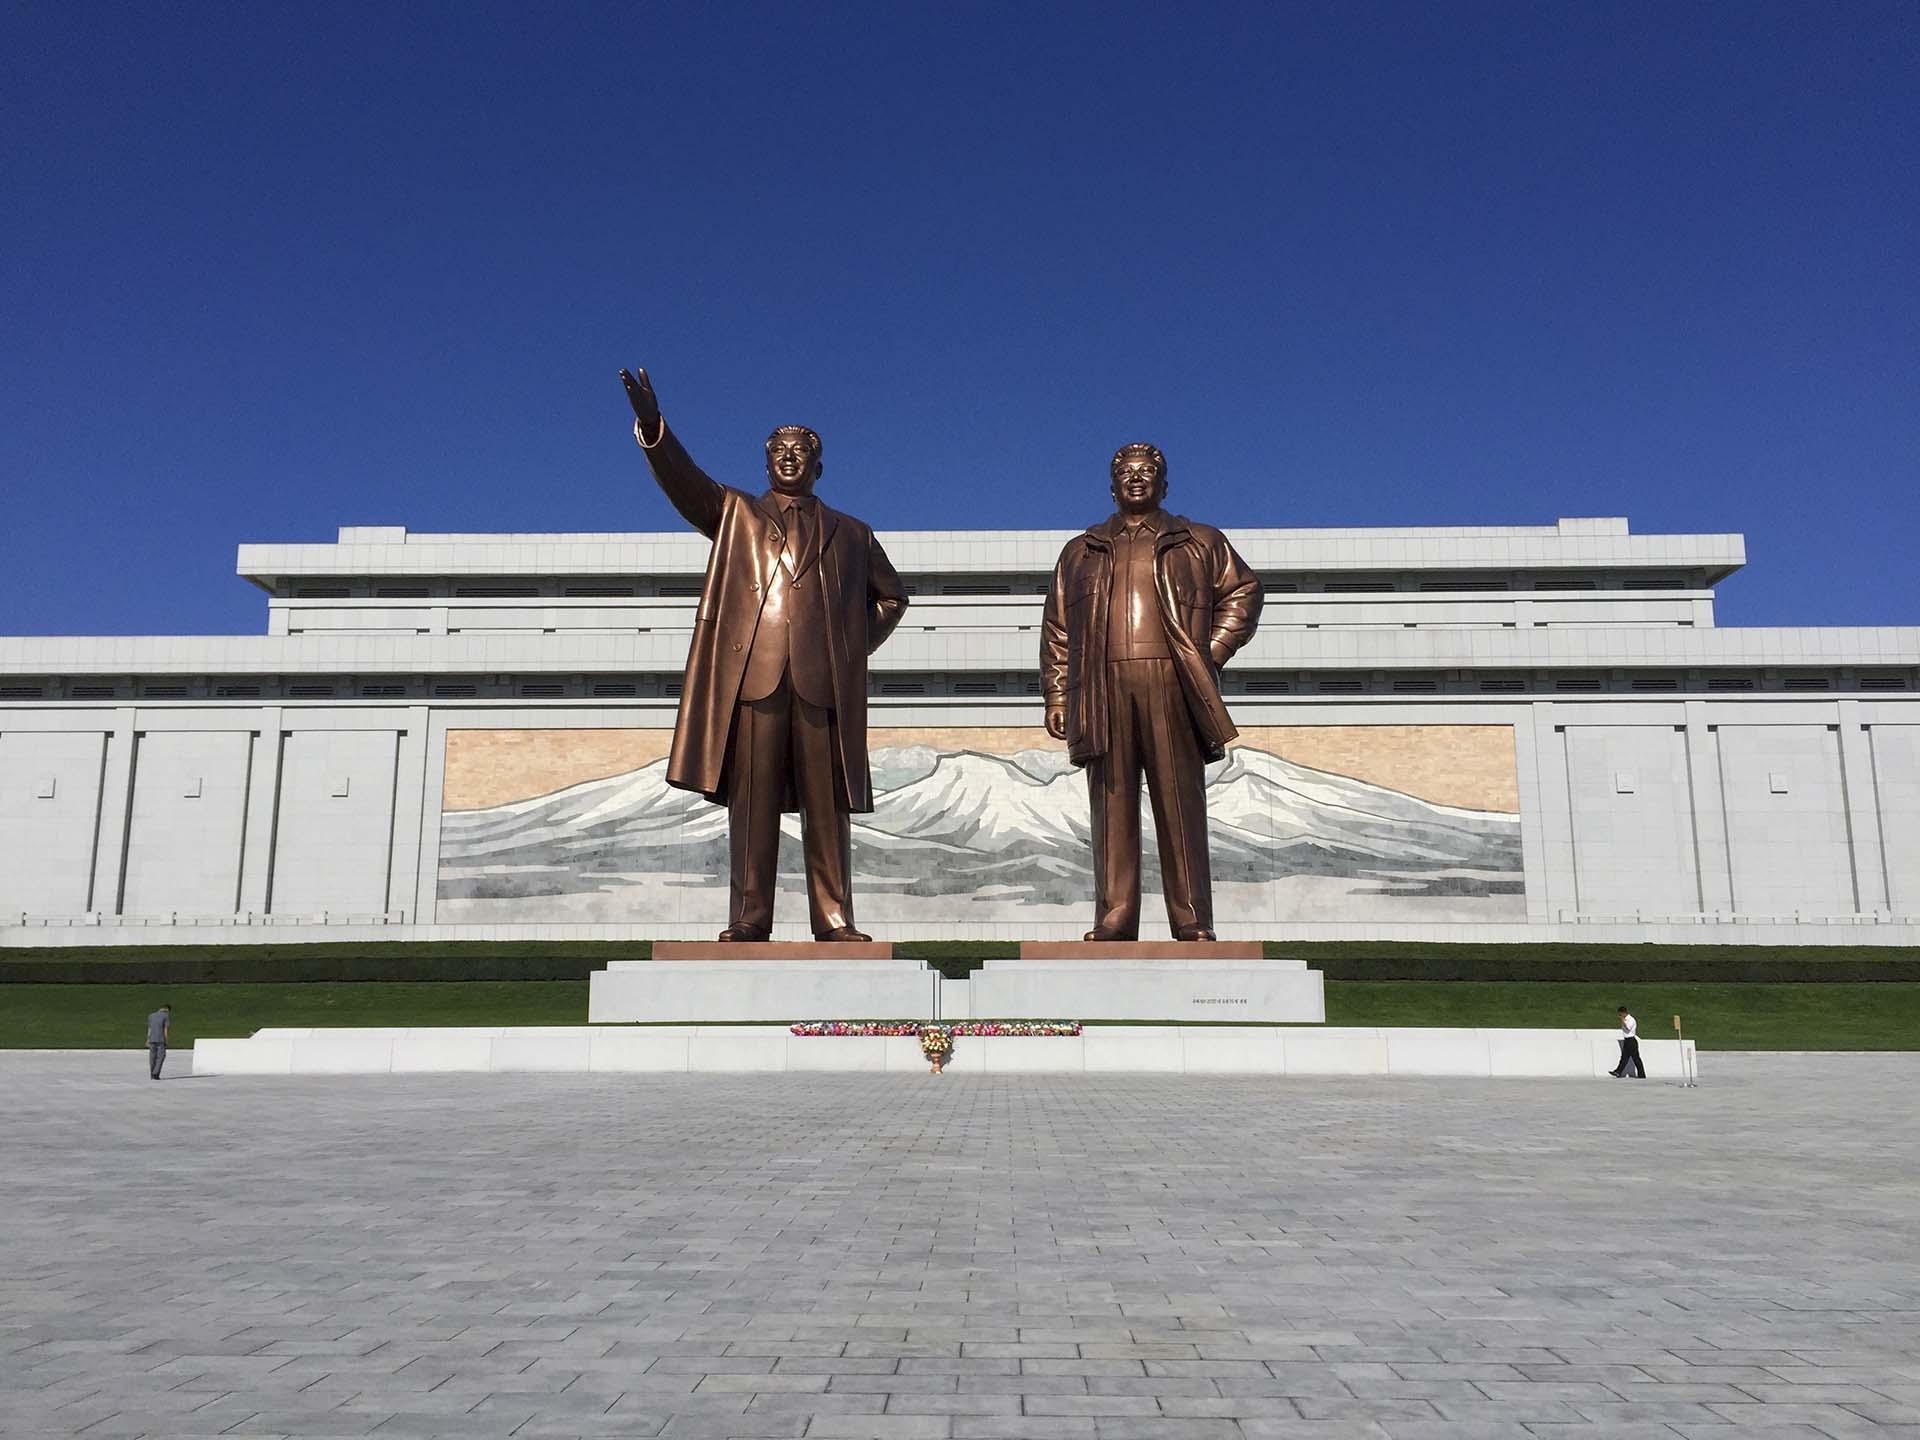 Las estatuas de bronce de veinte metros, fabricadas por el estudio oficial de arte Mansudae y emplazadas en una de las colinas principales de Pyongyang, muestran la mejor cara de los líderes muertos. No dan indicios del tumor en la nuca de Kim Il Sung, que creció hasta alcanzar el tamaño de una pelota de tenis y le provocó la muerte en 1994, a los ochenta y dos años, y exhiben a un Kim Jong Il con una altura y una bonhomía que no conoció en vida